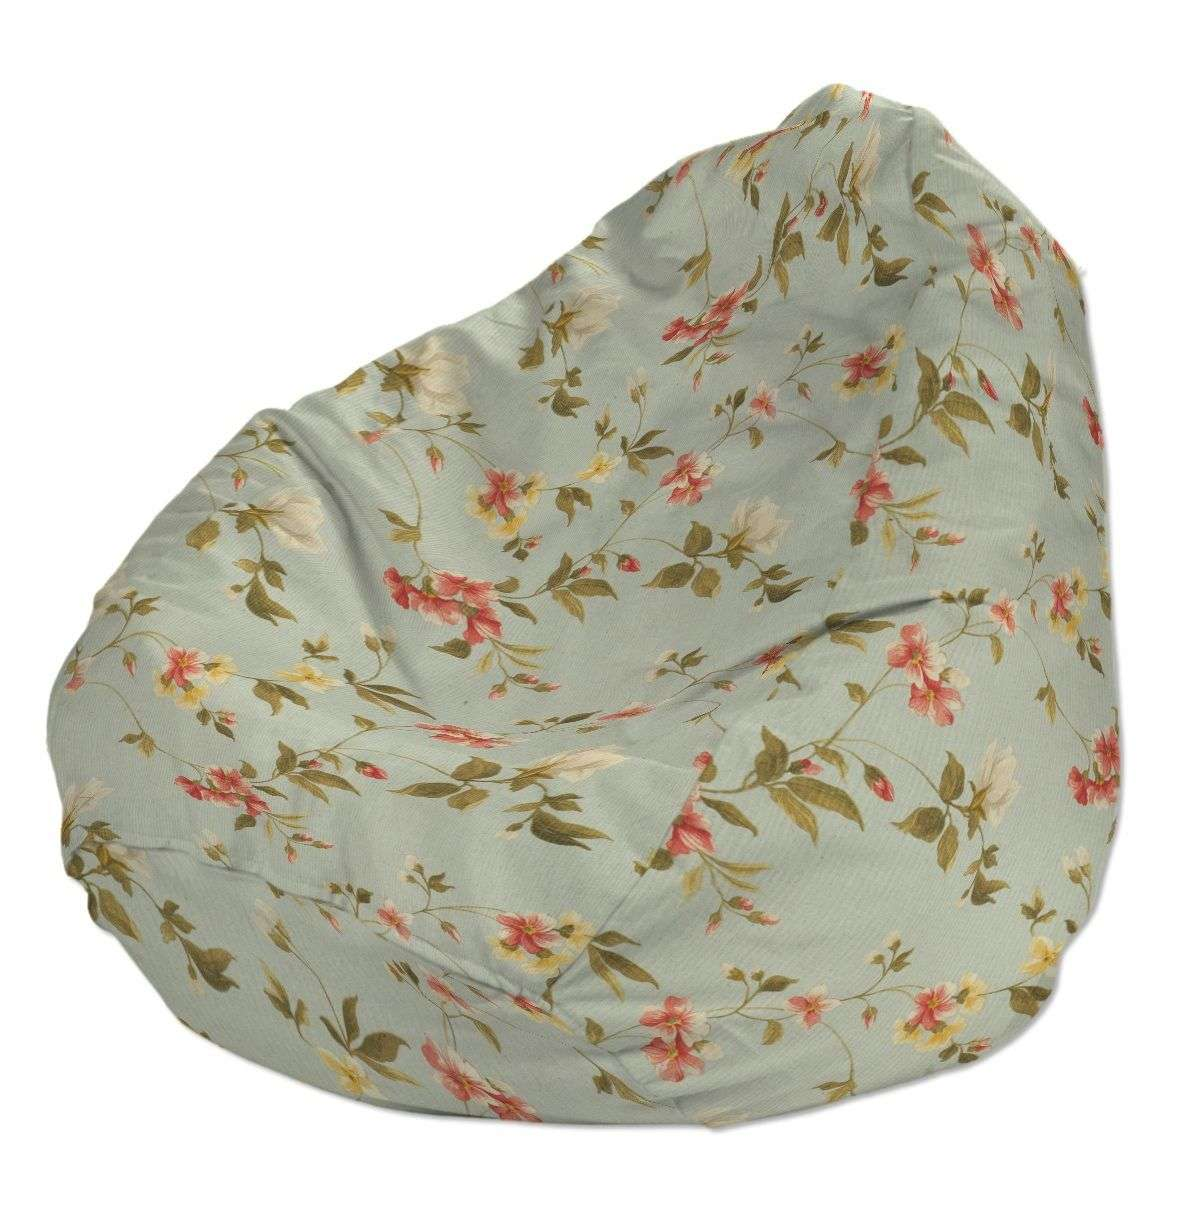 Pokrowiec na worek do siedzenia pokrowiec Ø50x85cm w kolekcji Londres, tkanina: 124-65